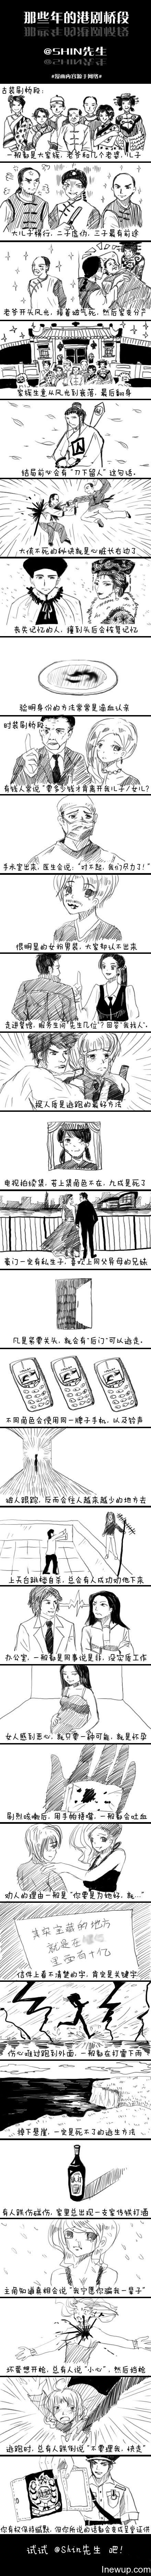 骨灰级港剧粉整理:那些年的港剧桥段| jiaren.org